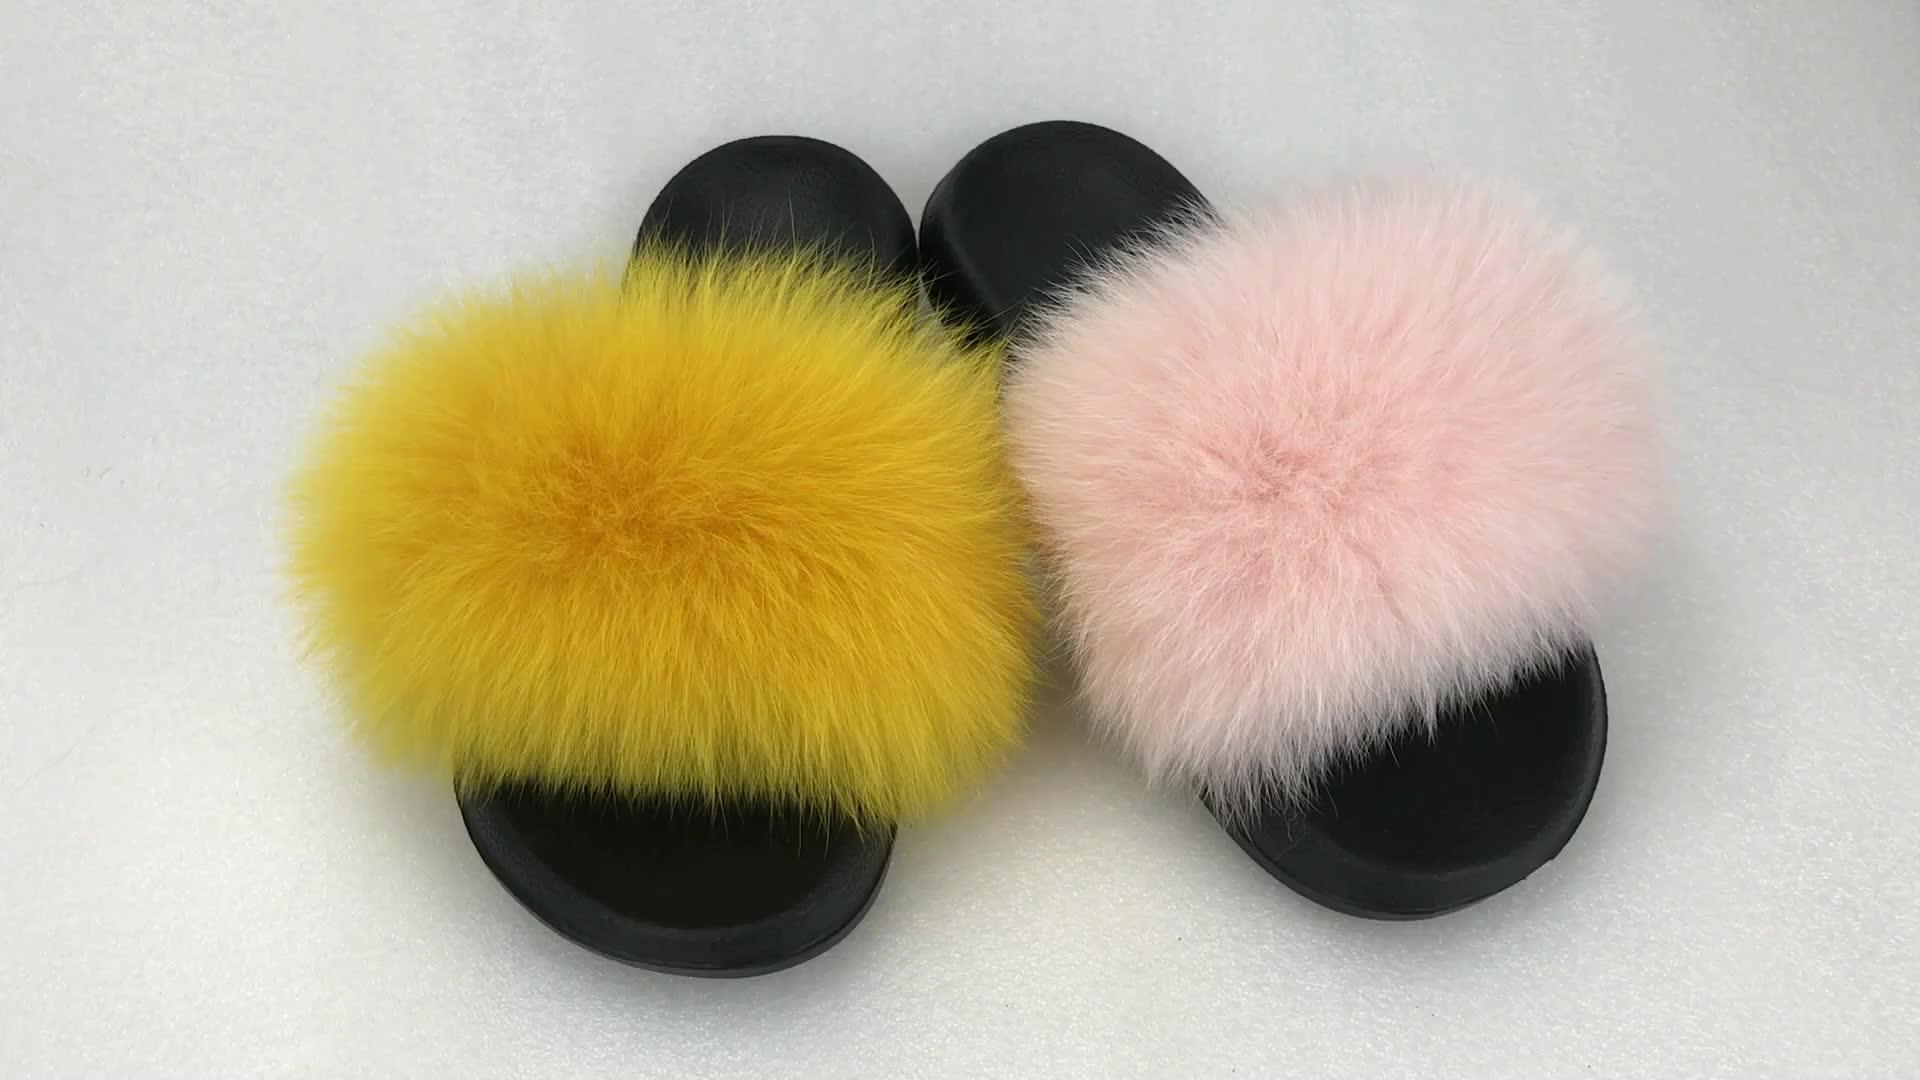 ขายส่งผู้หญิง house fox fur รองเท้าแตะขนสุนัขจิ้งจอกจริงสไลด์สีต่างๆเลือกรองเท้าแตะผู้หญิงรองเท้าแตะ